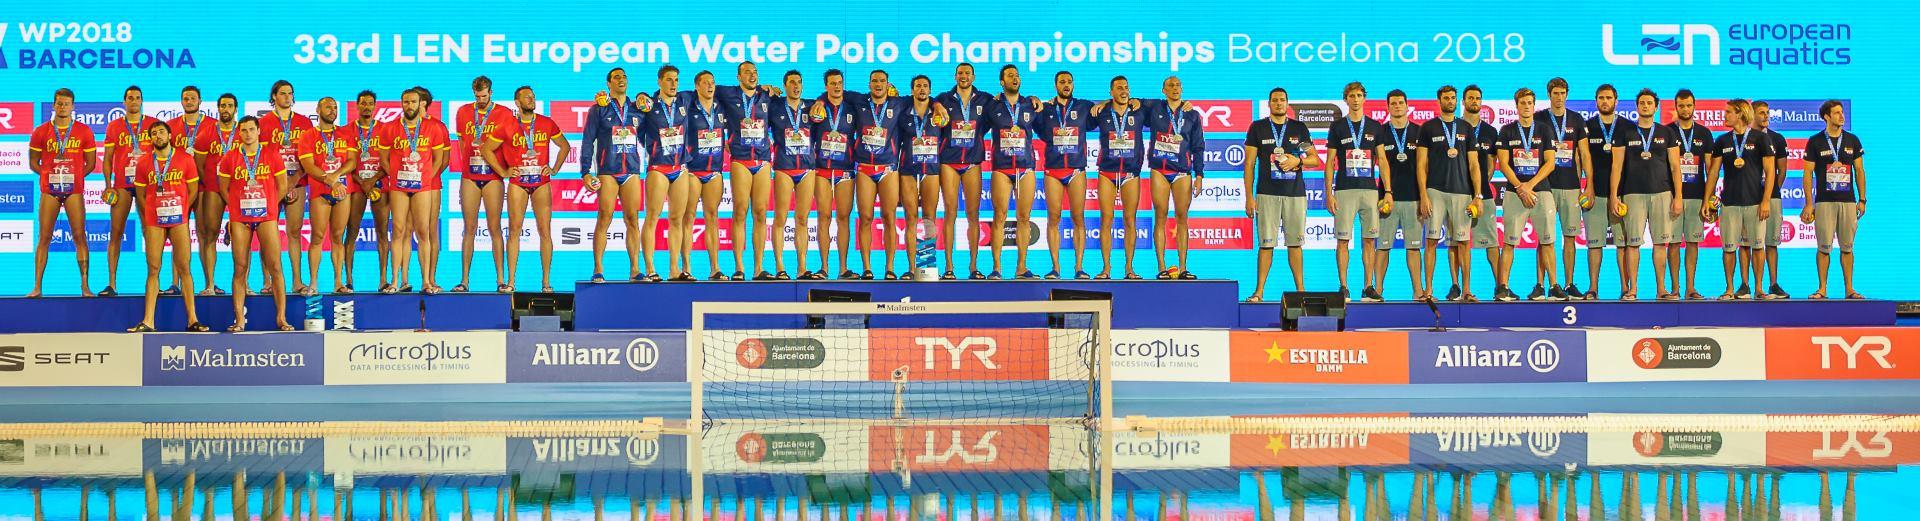 Fotogalerija sa svečane dodjele medalja na Europskom vaterpolskom prvenstvu